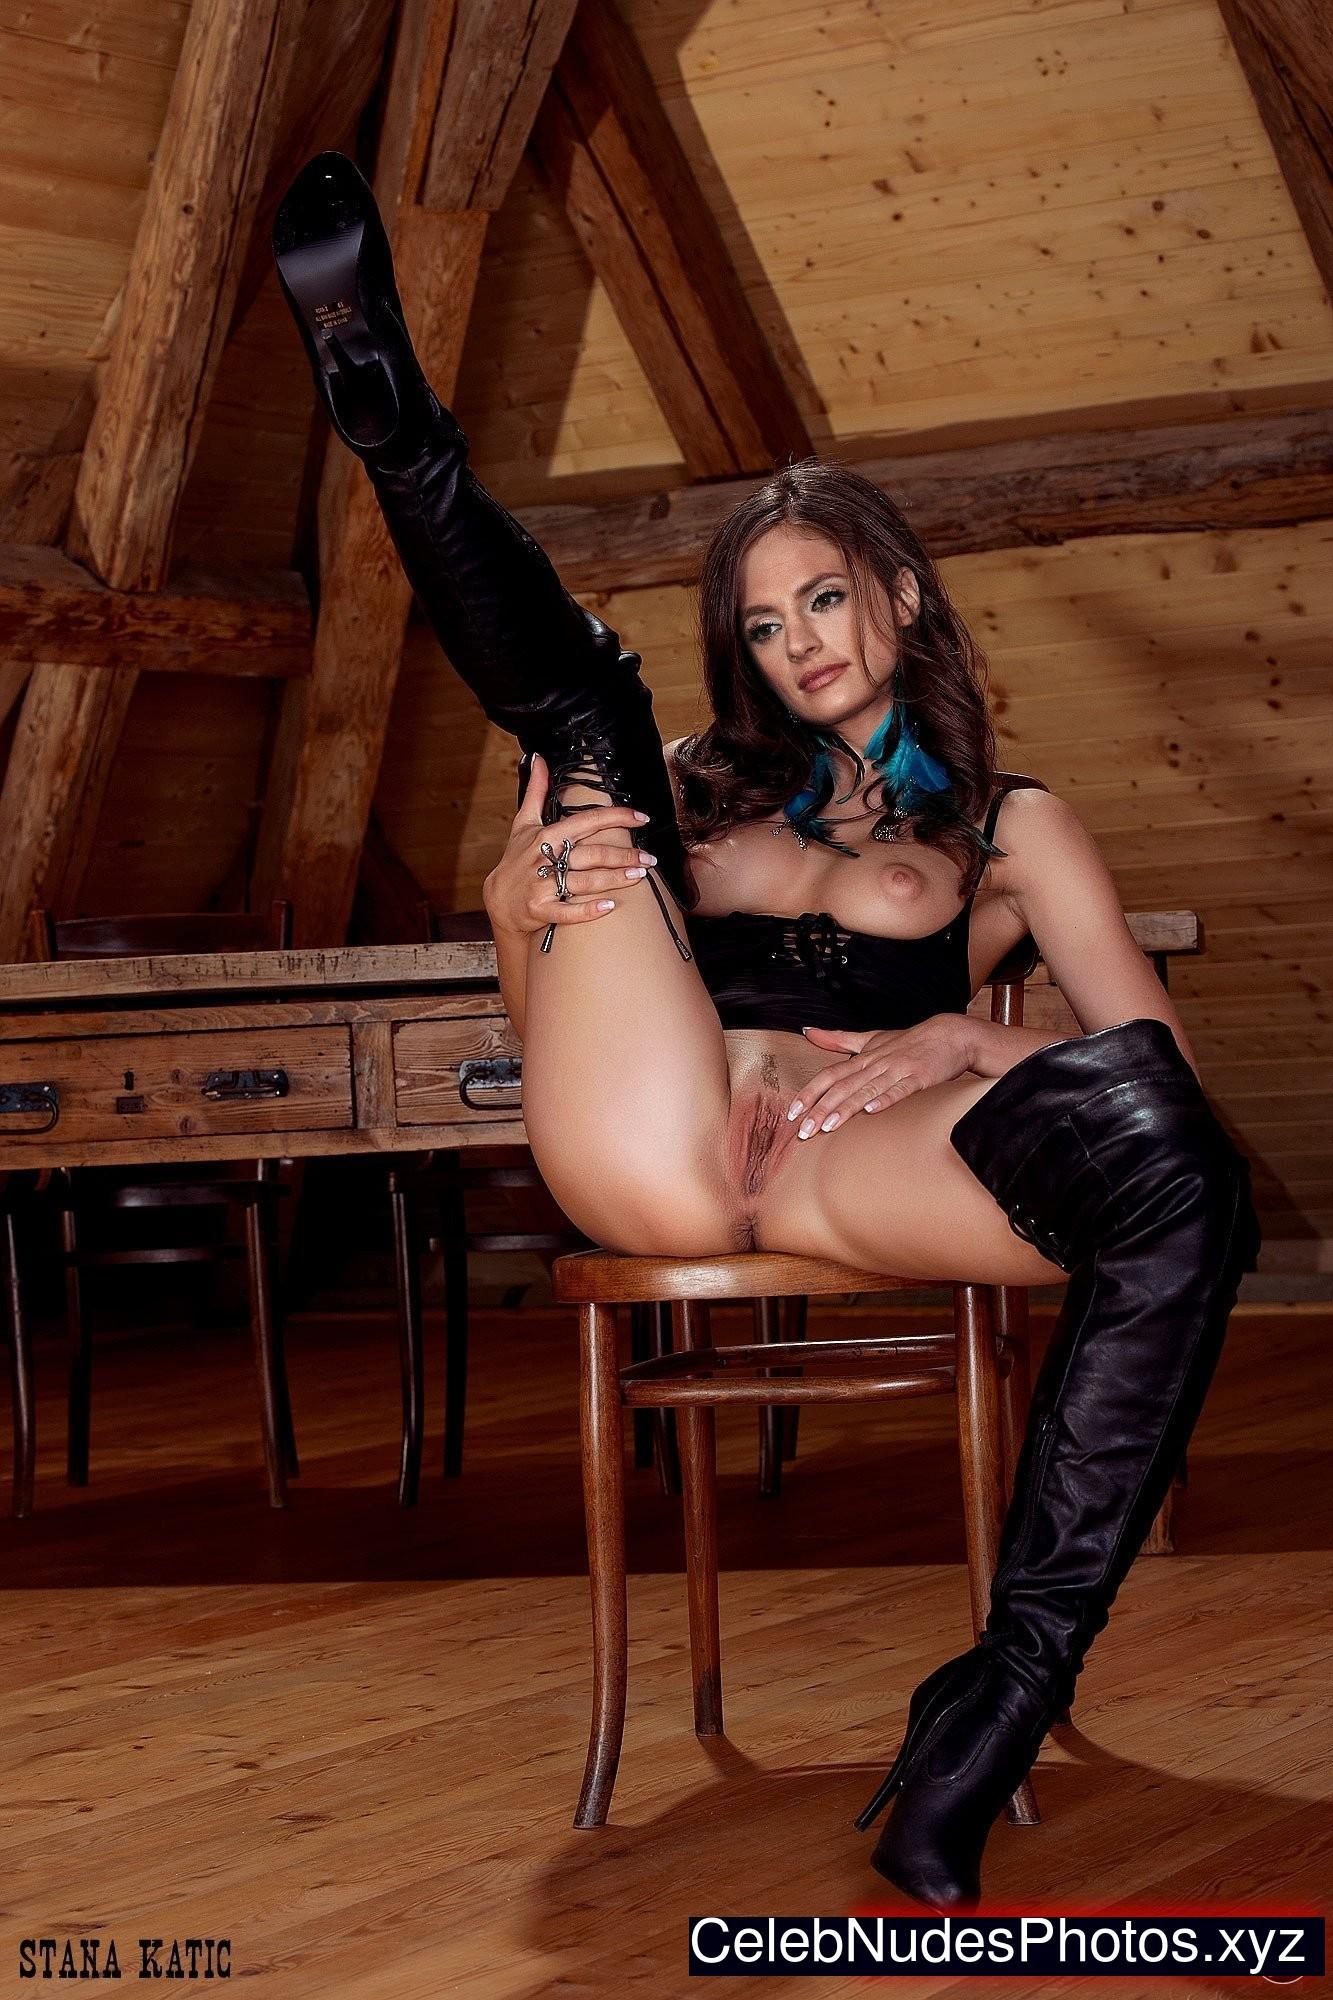 stana katic nude in bondage